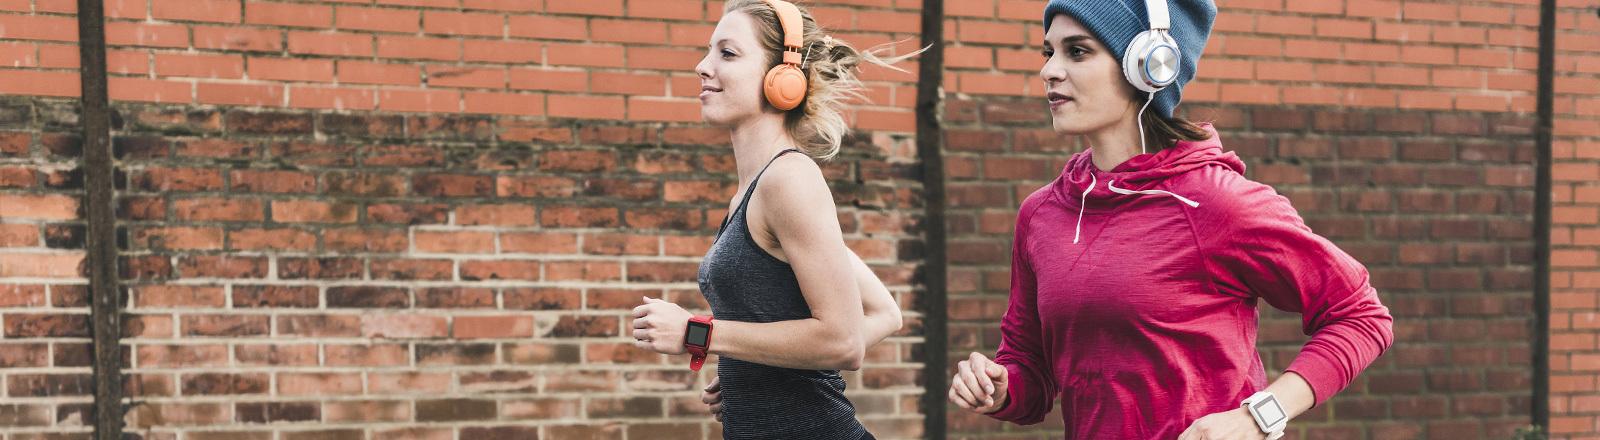 Zwei Mädels joggen mit Fitnessarmband und Kopfhörern.